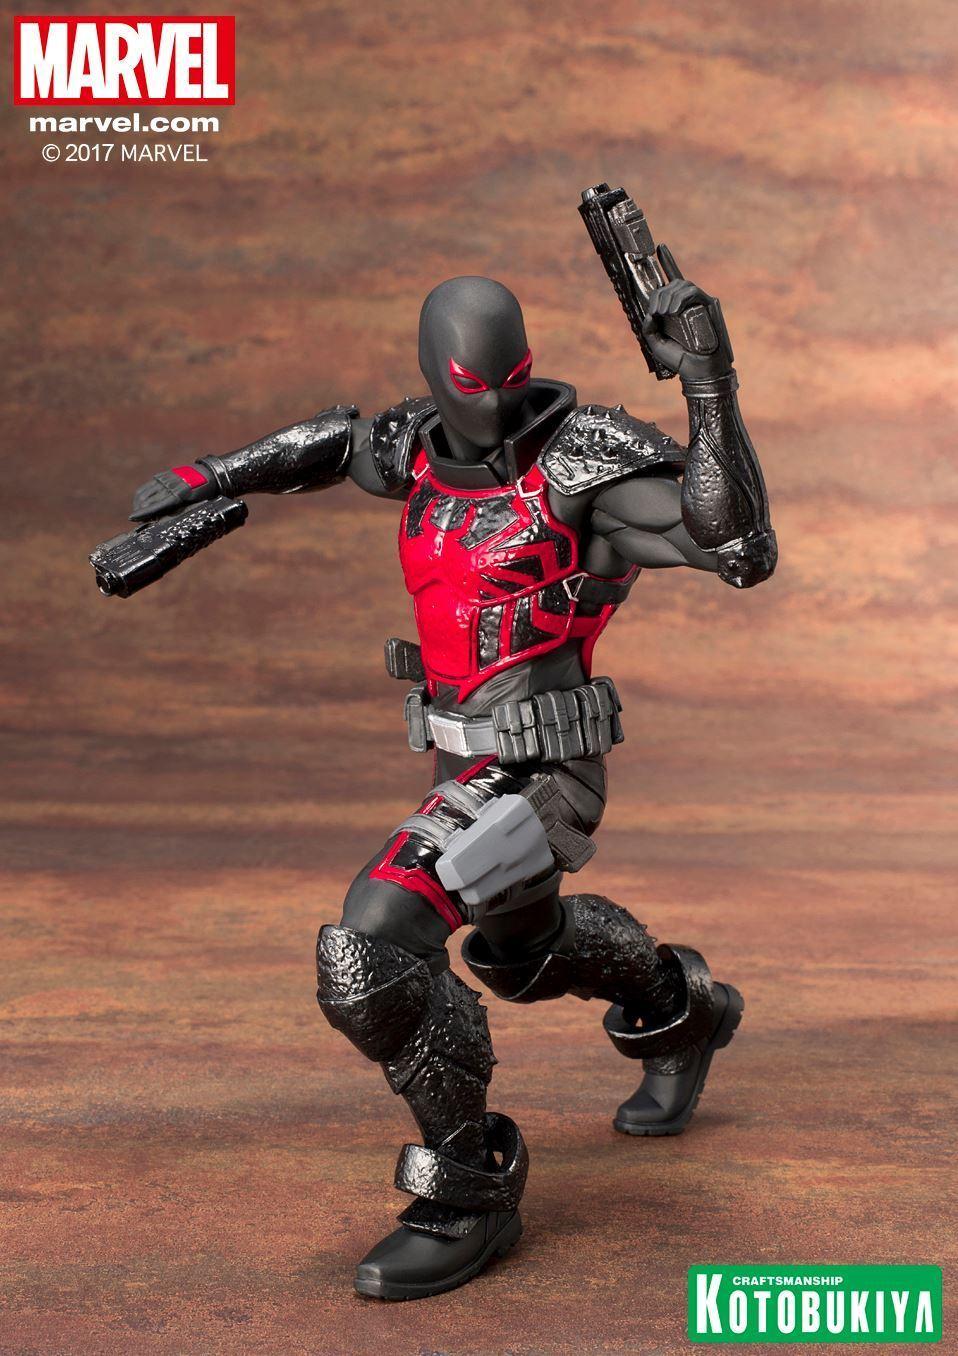 KOTOBUKIYA-ARTFX +  - MARVEL maintenant-foudre Agent Venom 1 10  acheter pas cher